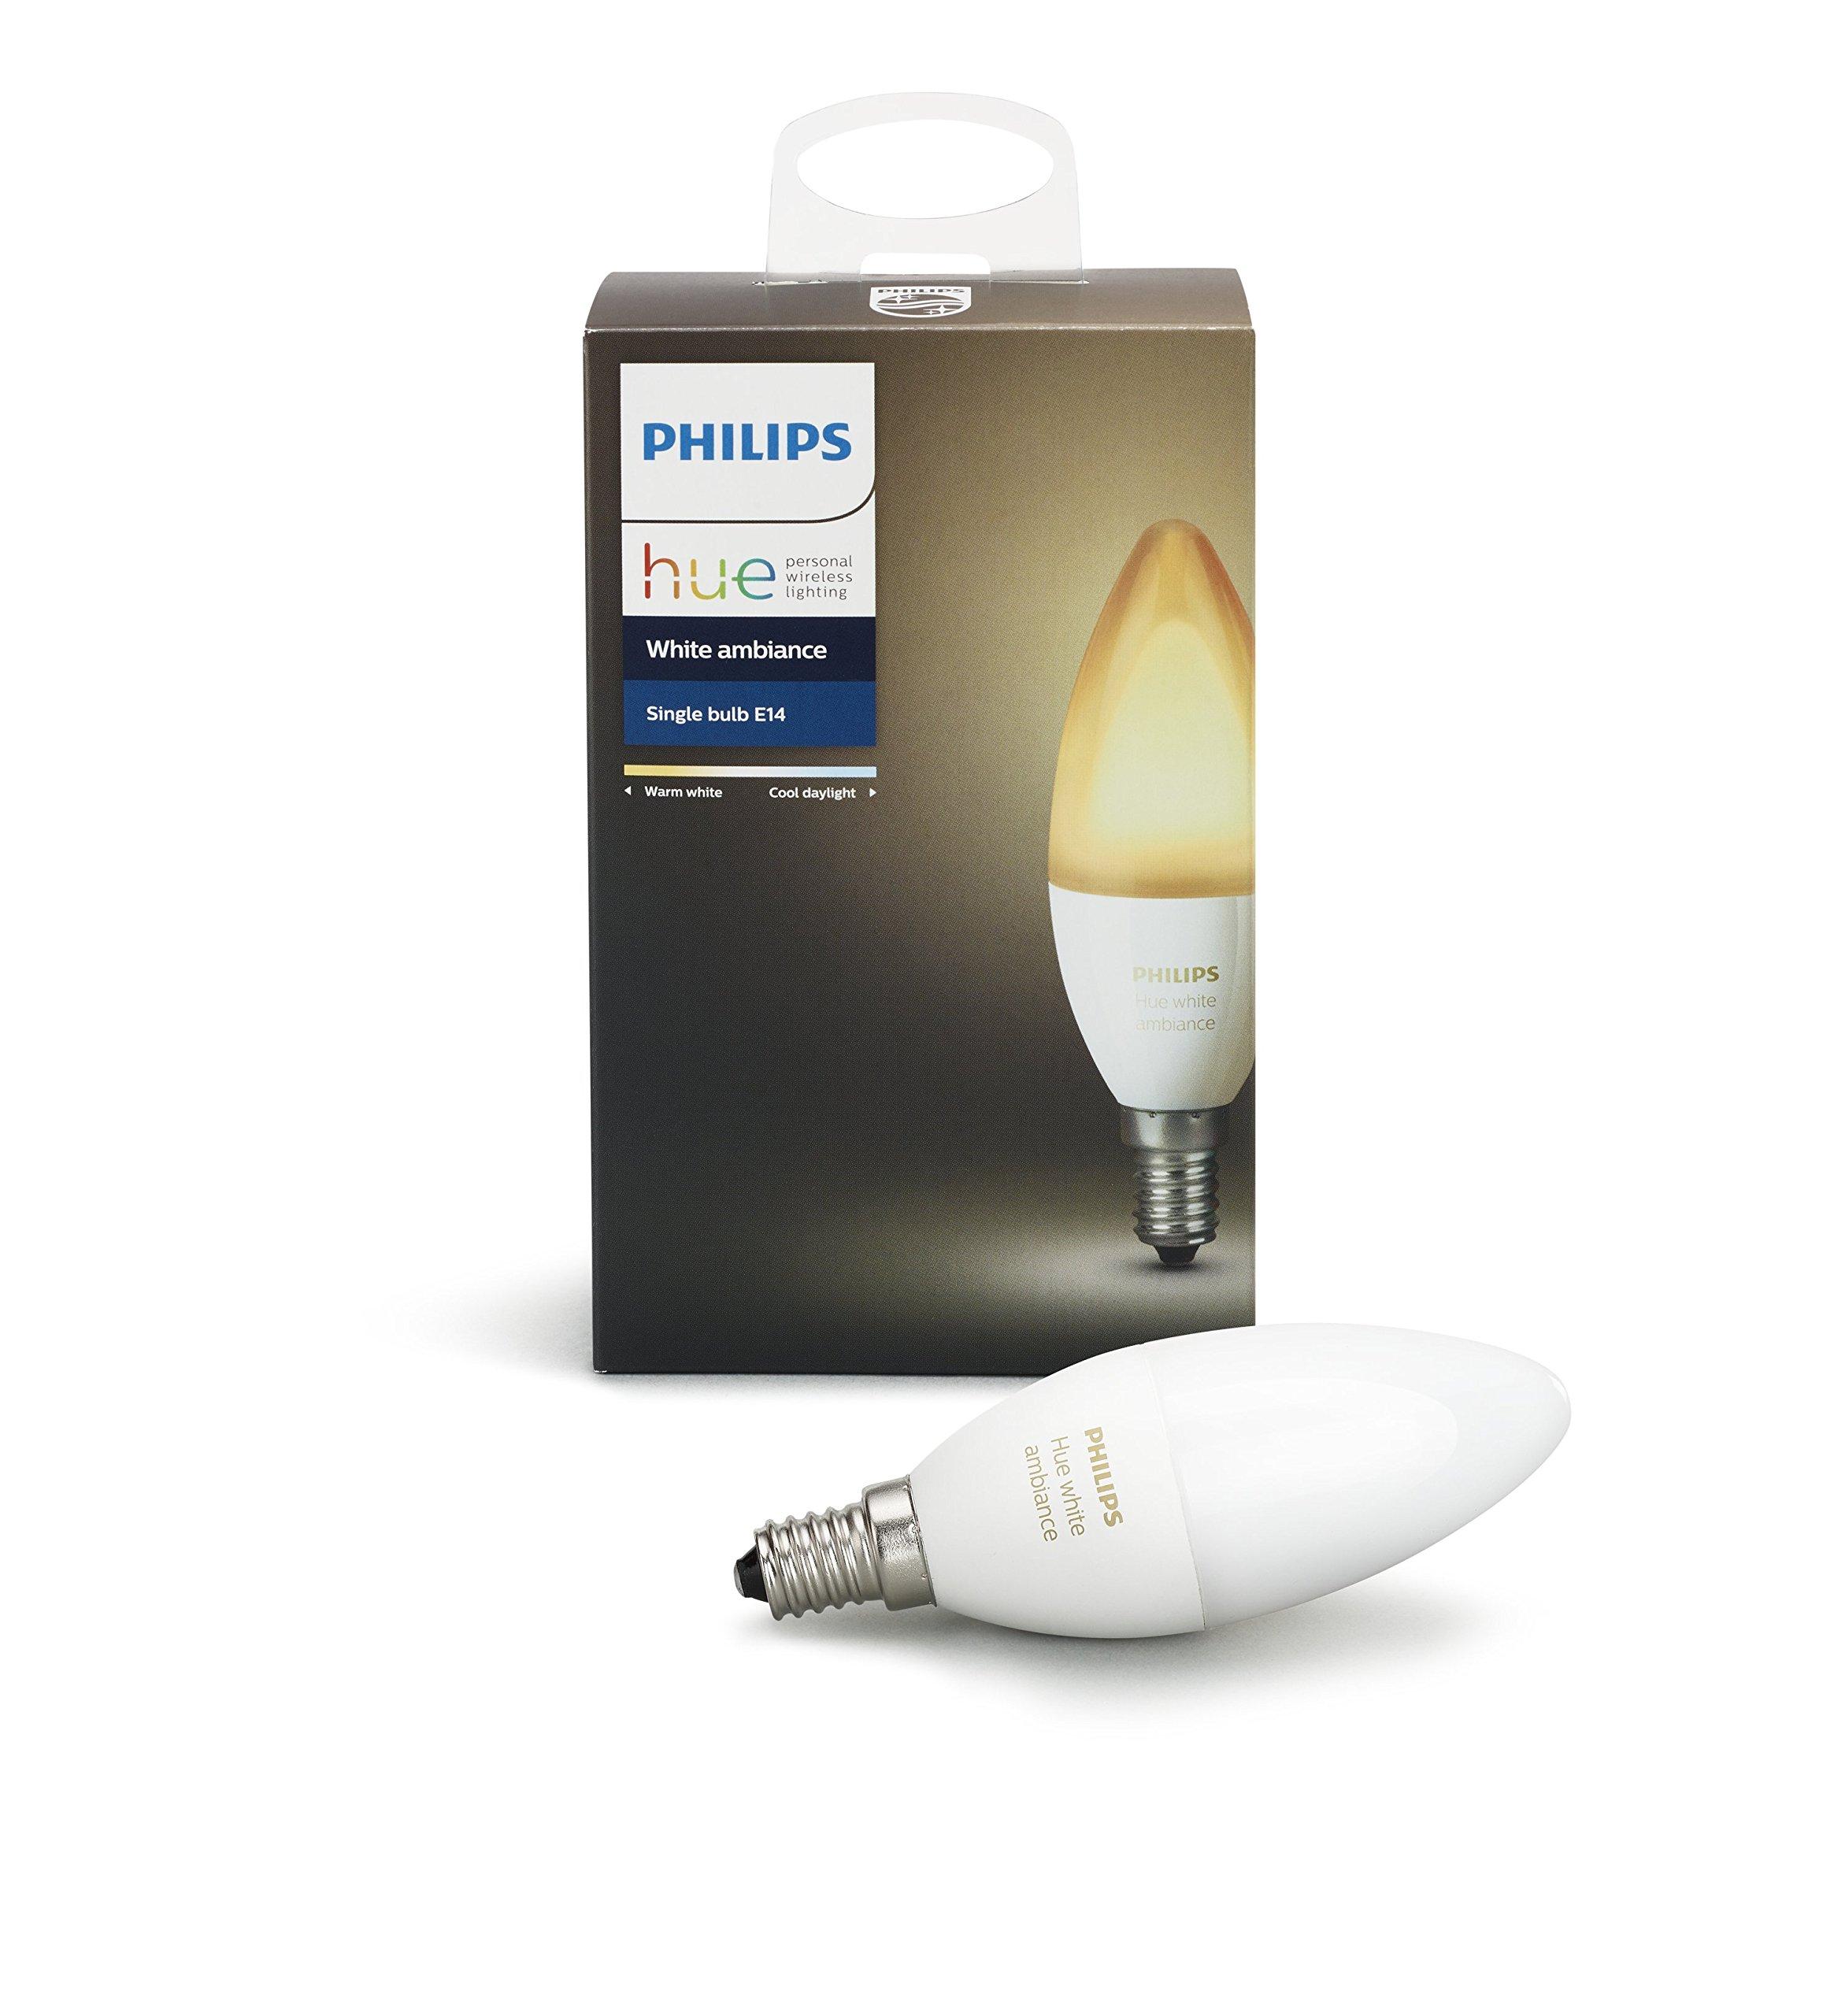 フィリップスヒュー・ホワイトの雰囲気E12装飾キャンドル40ワットなど(アマゾンアレクサアップルHomeKitとGoogleのアシスタントとの互換性)効率調光可能なLED電球・インテリジェンス